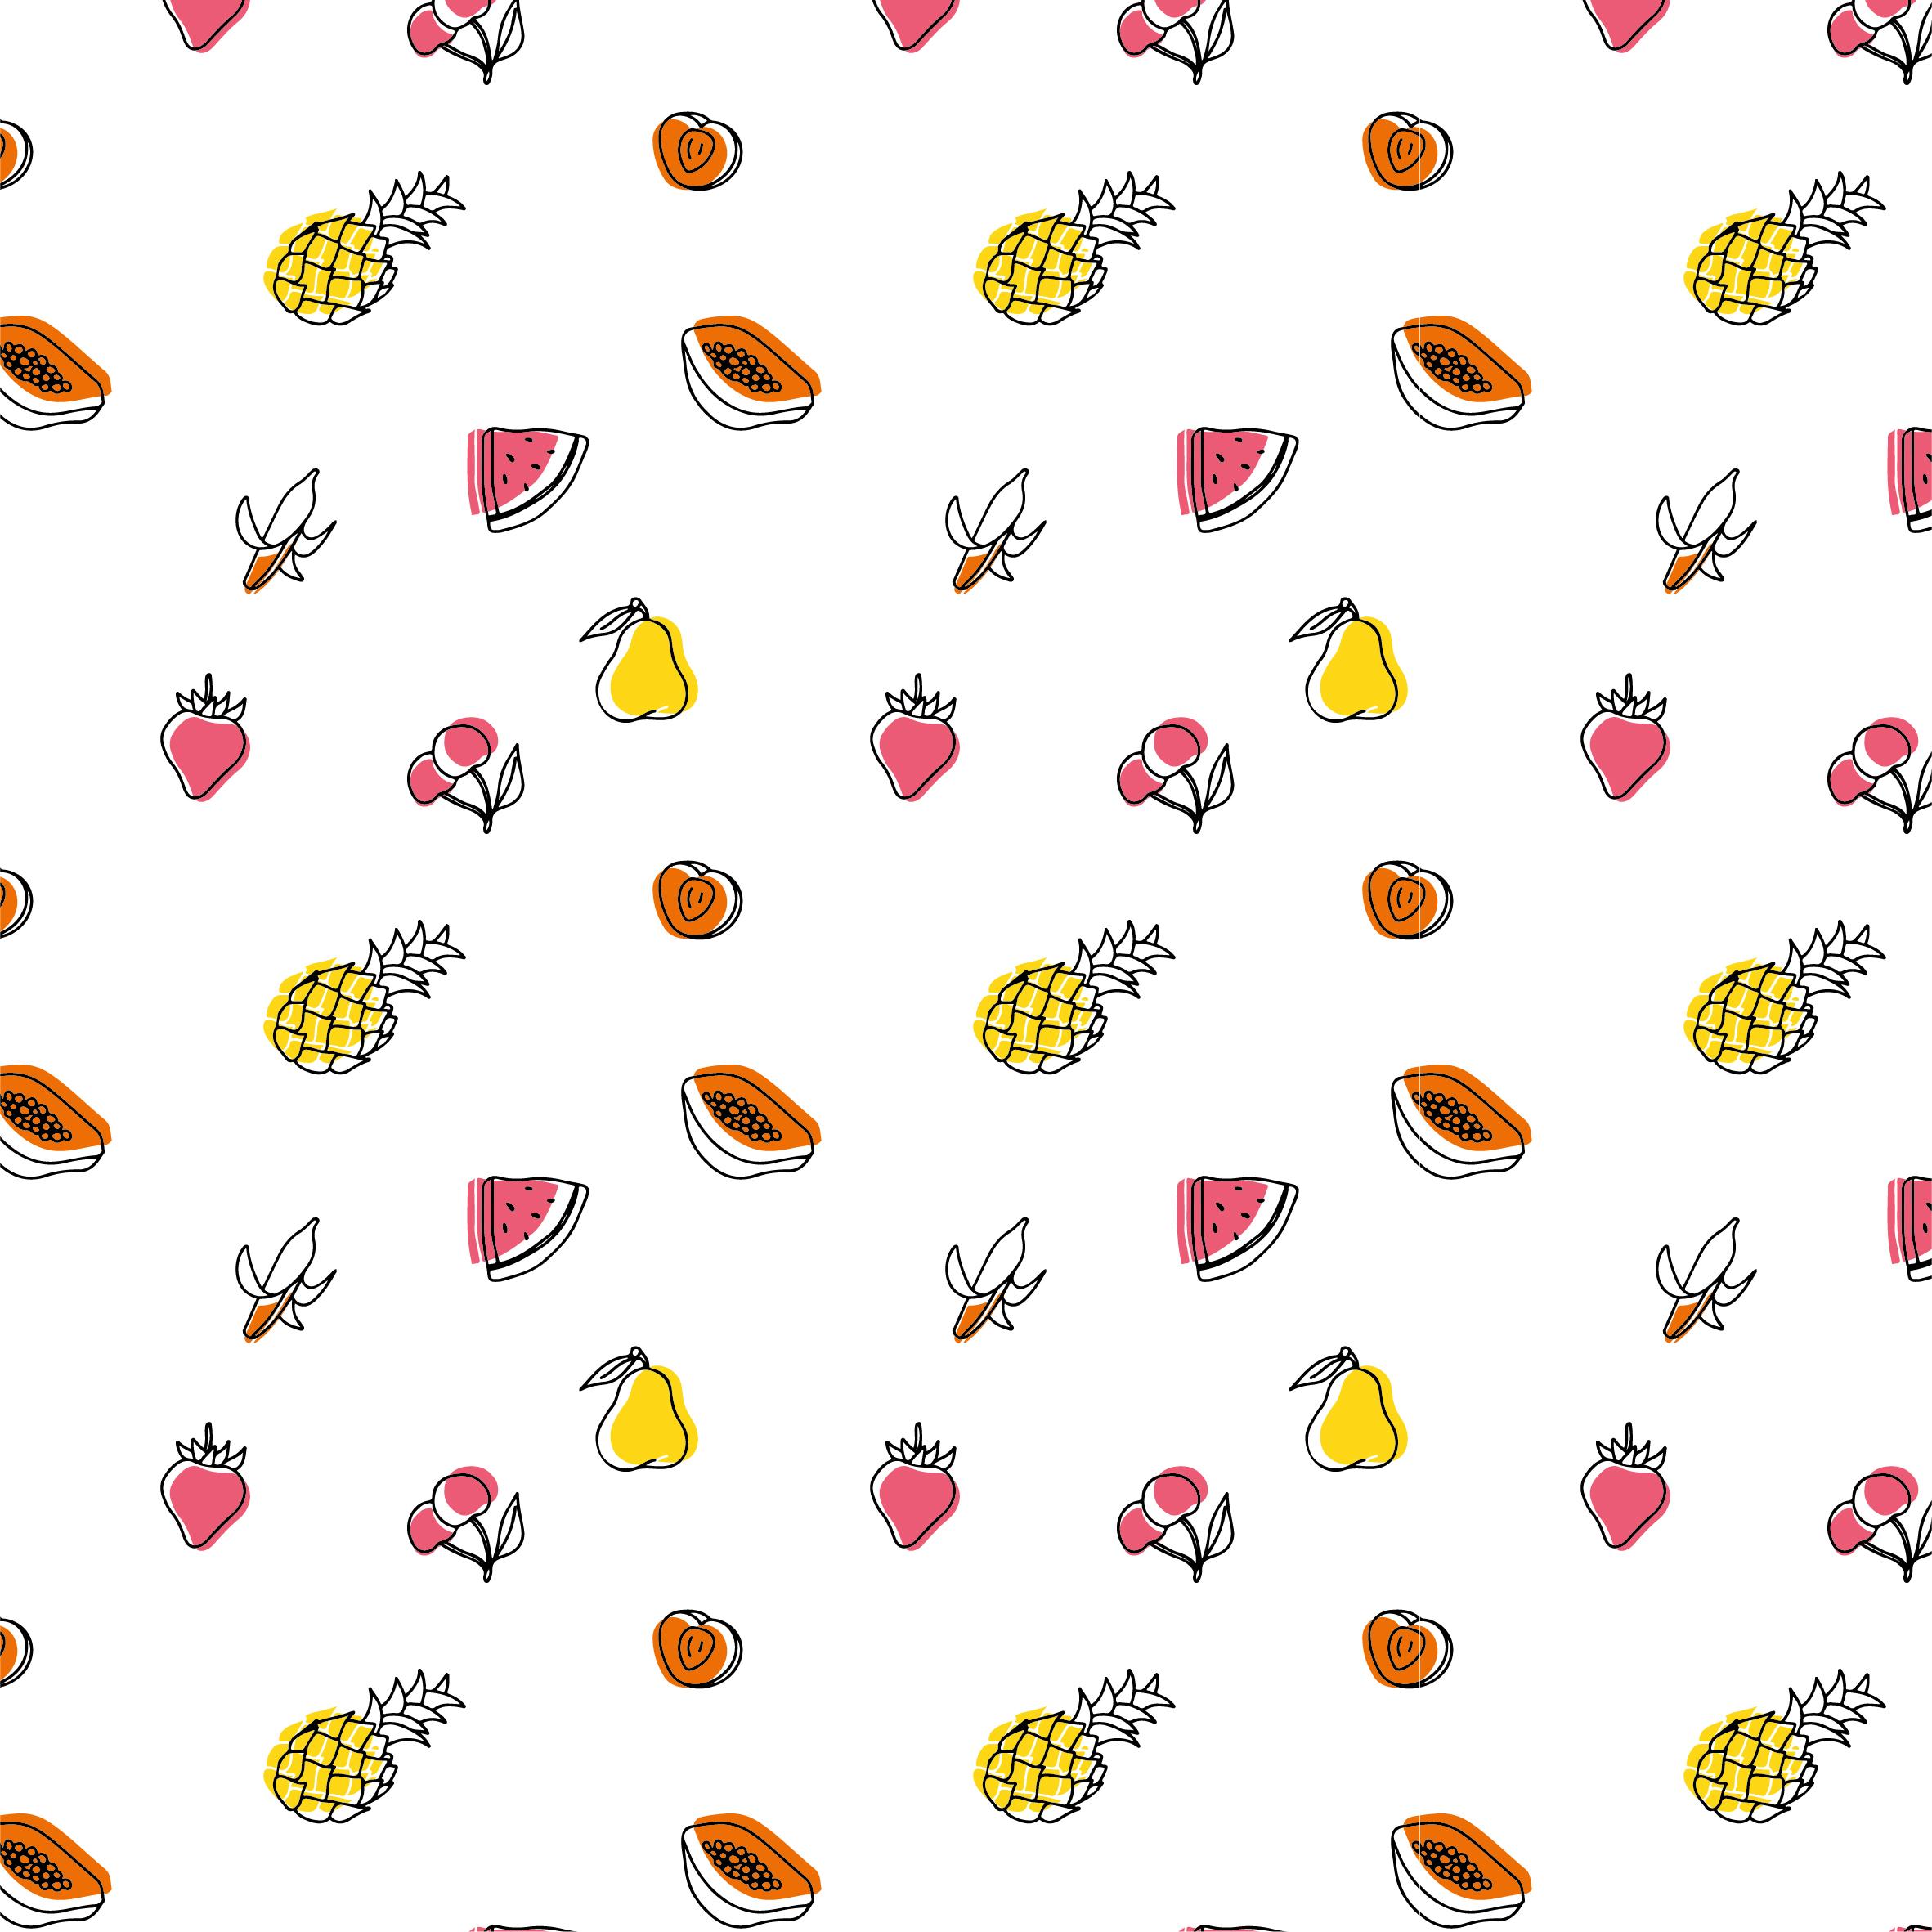 Motif figuratif, F5, Votre motif - POP'Home, Pop Home, produits éco-responsables, produits éco-responsables français, produits éco-responsables made in France, produits personnalisés, produits personnalisés français, produits personnalisés made in France, produits personnalisables, produits personnalisables français, produits personnalisables made in France, produits made in France, produits français, textiles éco-responsables, textiles éco-responsables français, textiles éco-responsables made in France, textiles français, textiles made in France, textiles personnalisés, textiles personnalisés français, textiles personnalisés made in France, textiles personnalisables, textiles personnalisables français, textiles personnalisables made in France, motif enfantin, motif géométrique, motif abstrait, motif fleuri, motif figuratif, textiles à motifs, textile à motifs, produits à motifs, produit à motifs, produits à personnaliser, produits salle de bain, produits maison, produits salle de bain personnalisables, produits maison personnalisables, papeterie, papeterie personnalisable, papeterie personnalisé, cadeau personnalisé, idée cadeau, idée cadeau personnalisé, cadeau made in France, made in France, produit unique, produit écologique, décoration d'intérieur, motifs, objet unique, objet personnalisé, objet personnalisable, objet made in France, produit made in France, produits écologiques, objets écologiques, créatrice française, designer, Eloïse Abadia-Pacitti